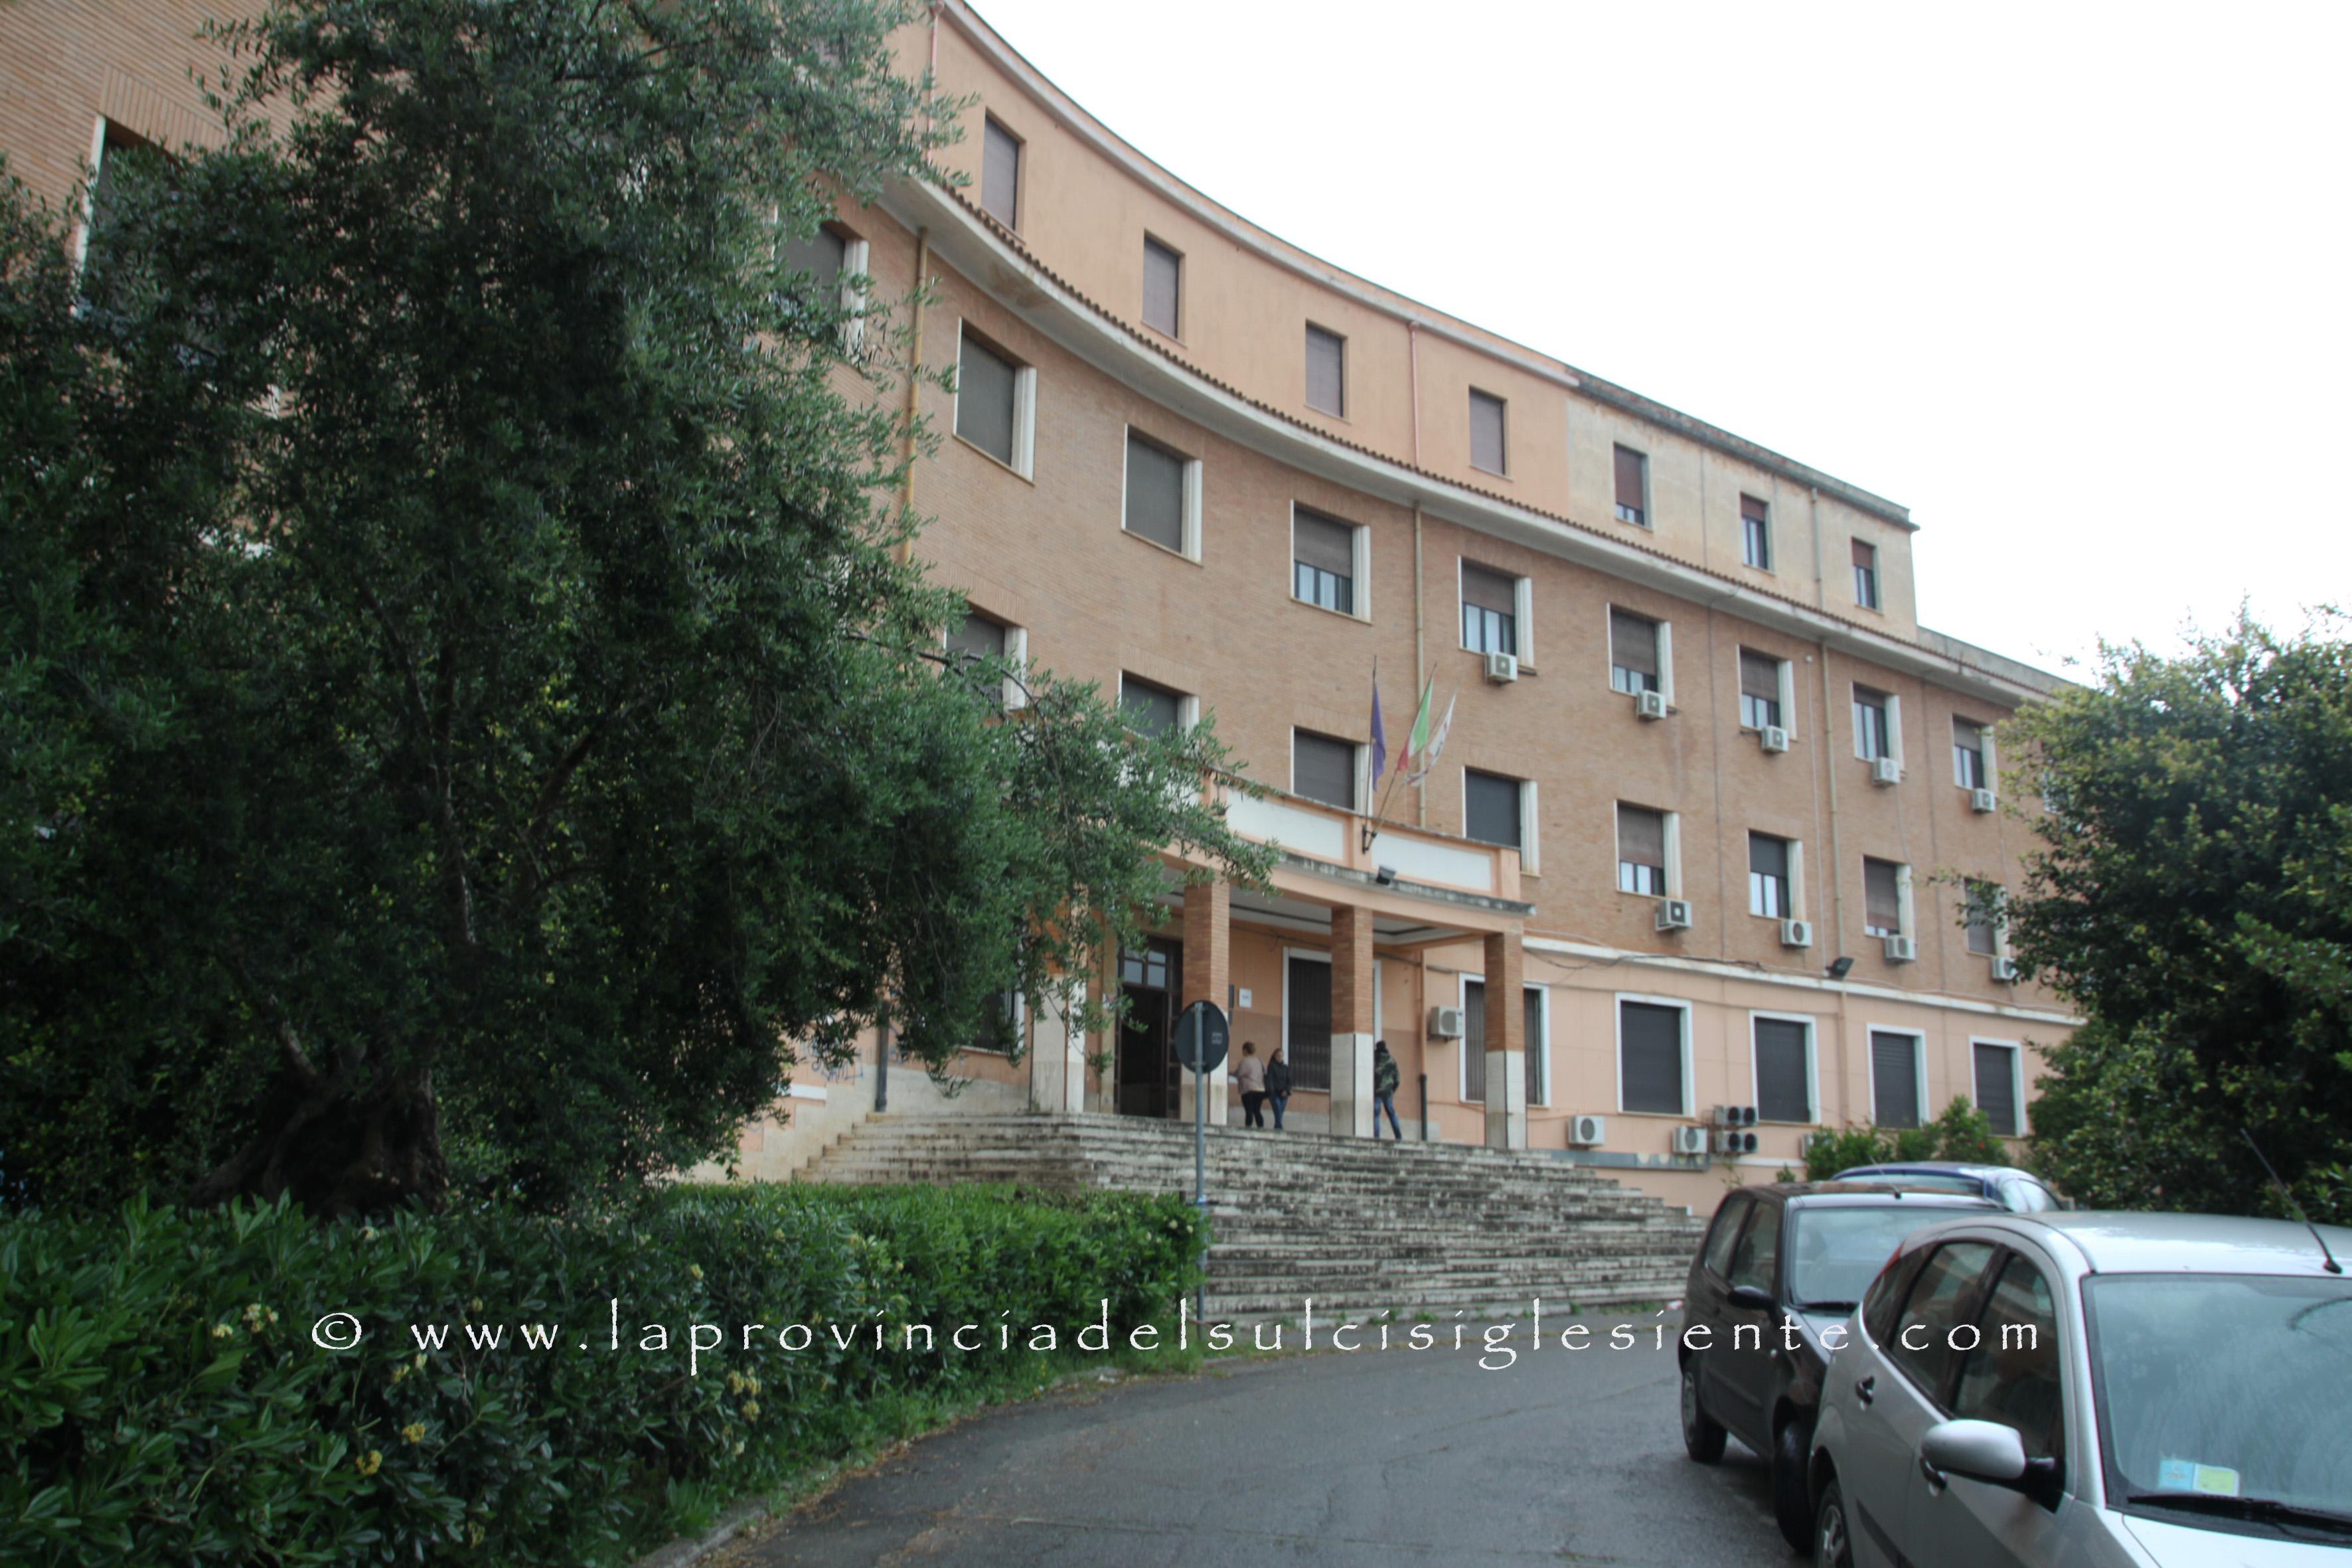 scuole elementary cagliari hotels - photo#48